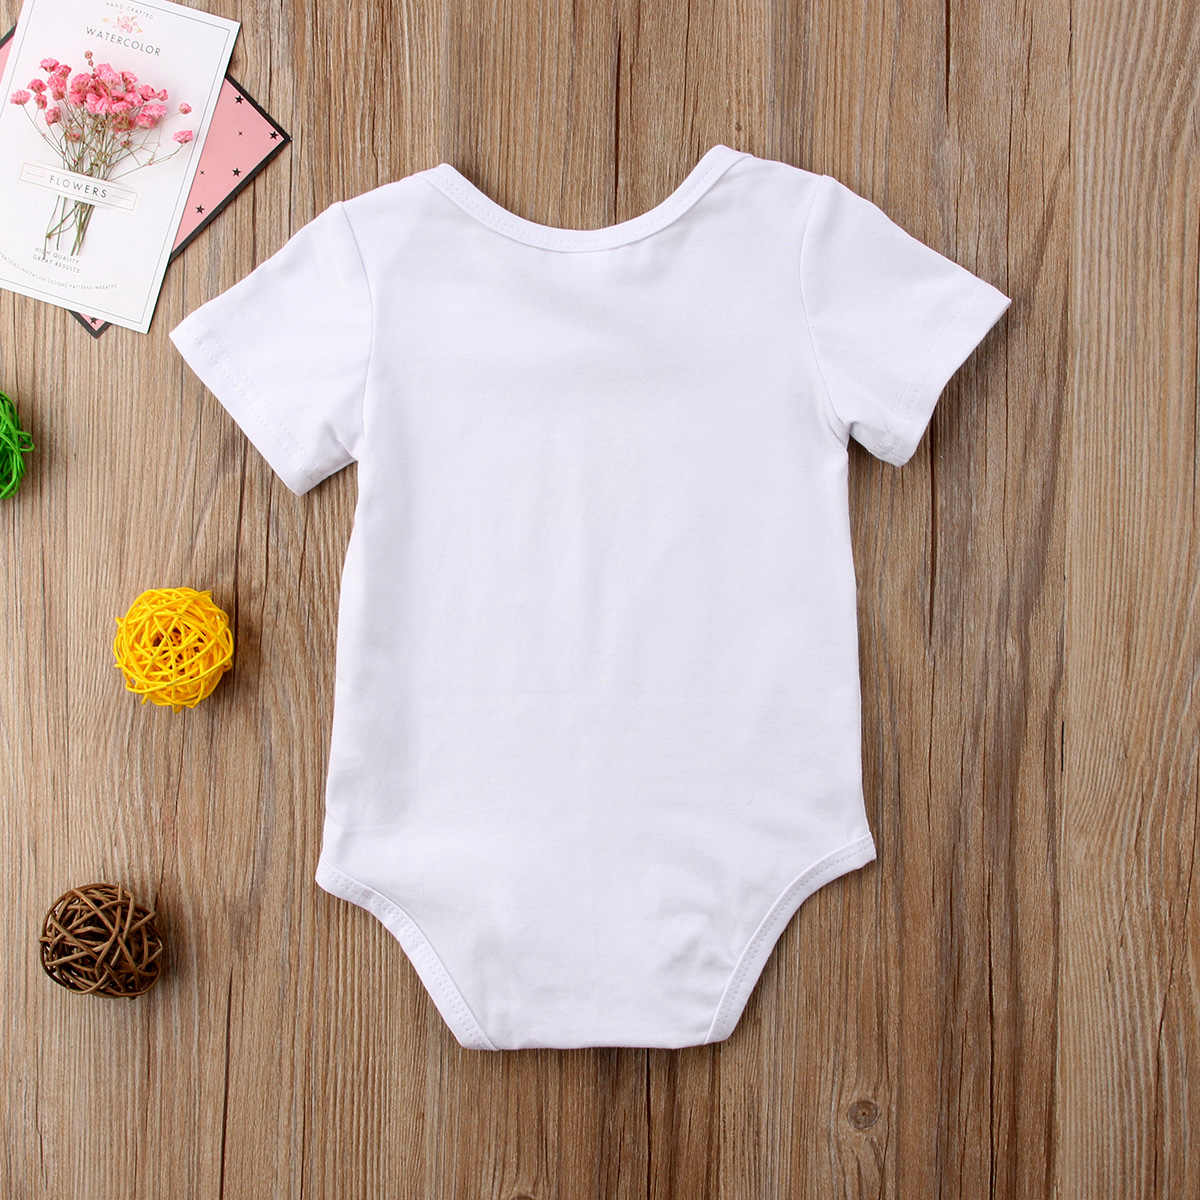 2018 хлопковый костюм с короткими рукавами для новорожденных мальчиков и девочек, комбинезон с ламой, Повседневная летняя белая одежда